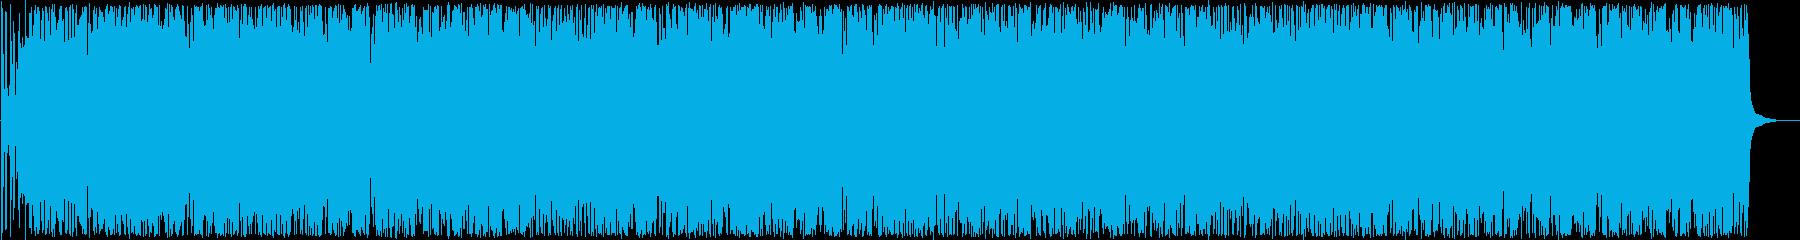 楽しいトランペット打楽器ラテン系サウンドの再生済みの波形